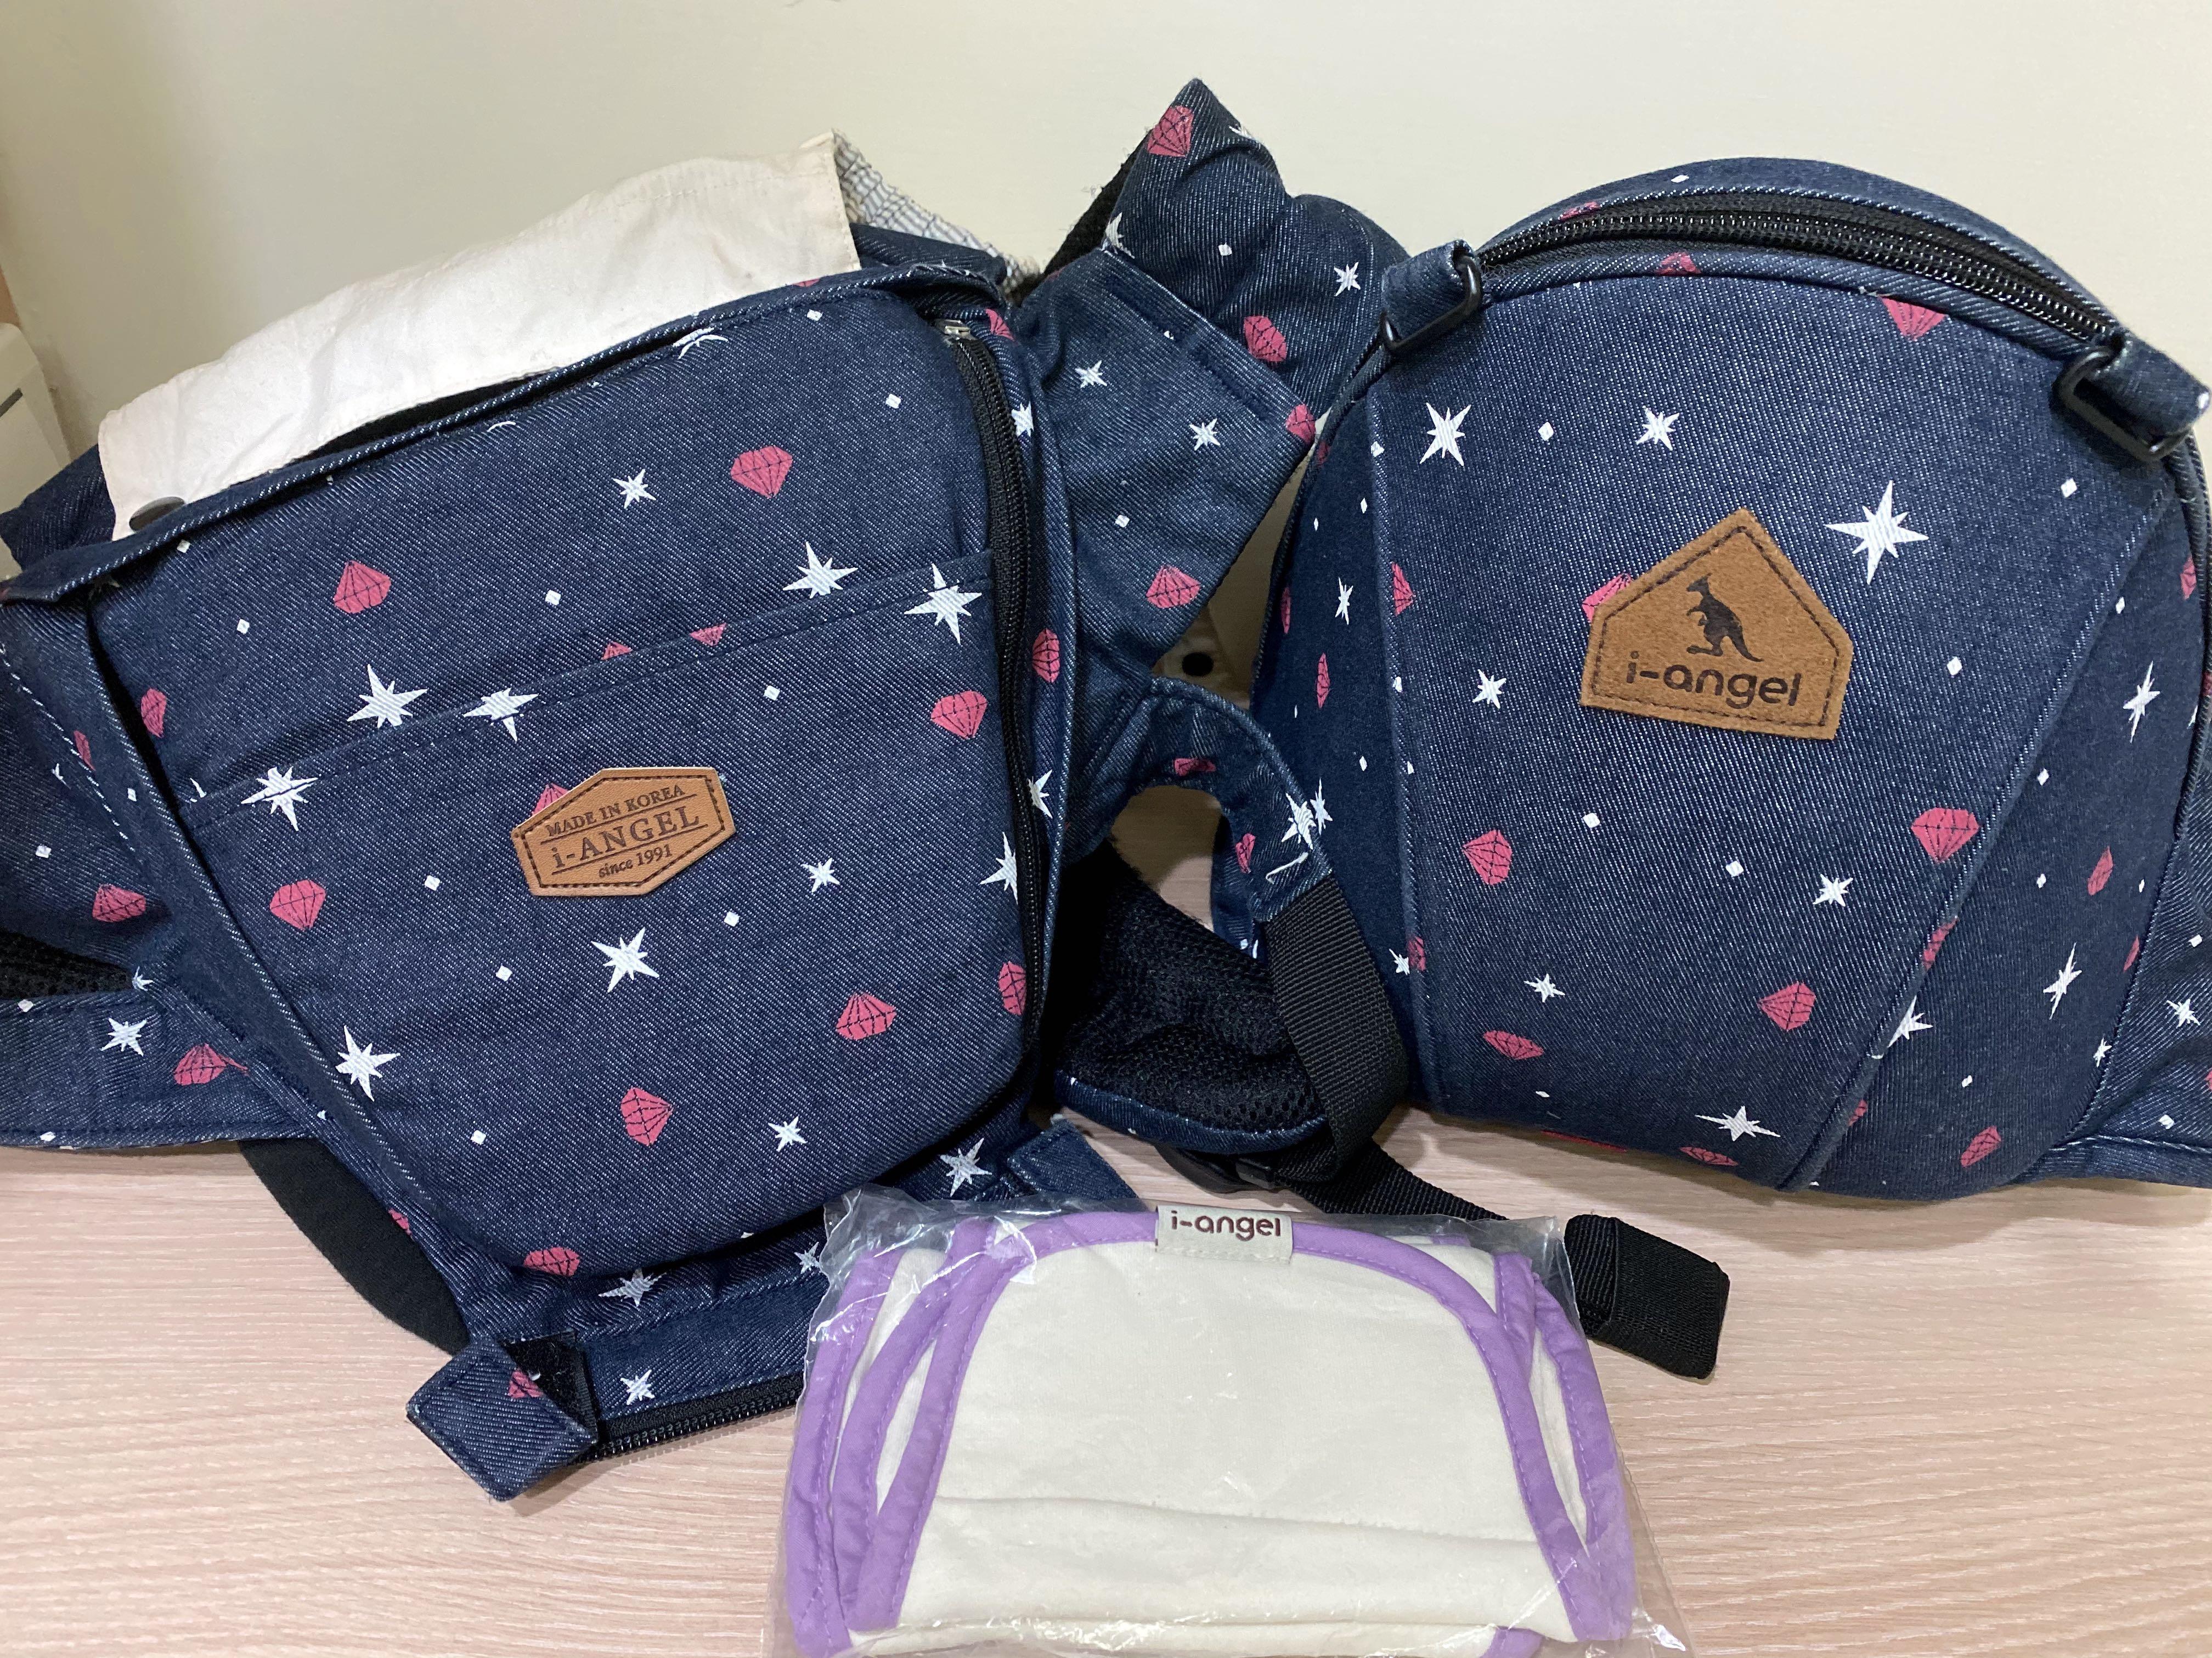 韓國i-angel 袋鼠 - 「全新」有機棉口水巾& (二手近新)腰凳/坐墊式背巾-兩用座椅式背巾-鑽石款 牛仔色